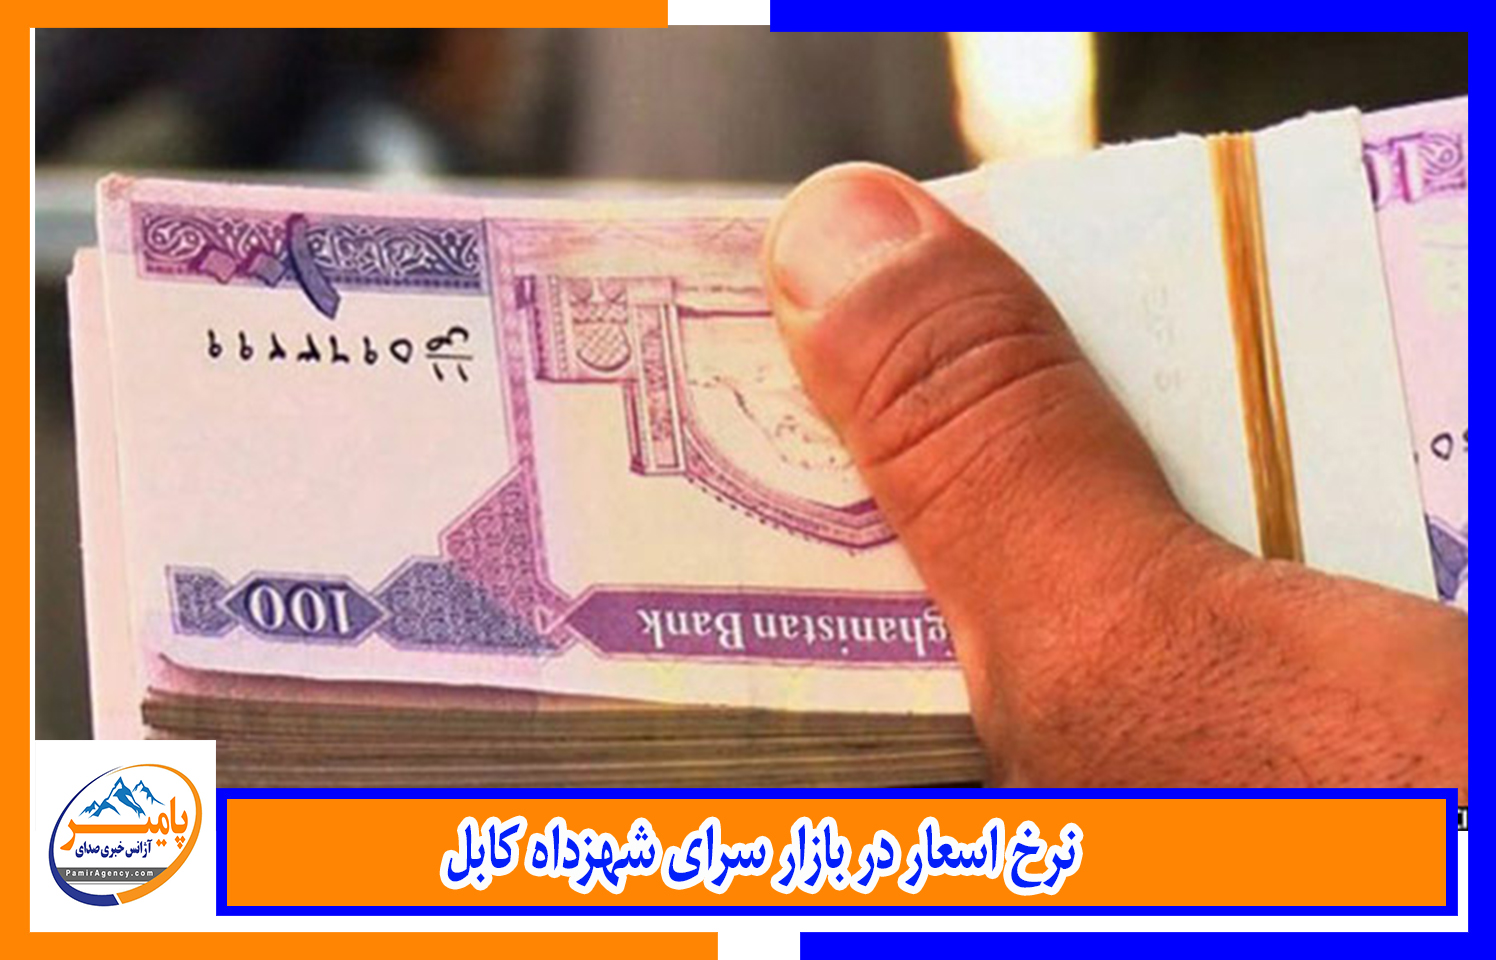 نرخ اسعار در بازار امروز سرای شهزاده کابل